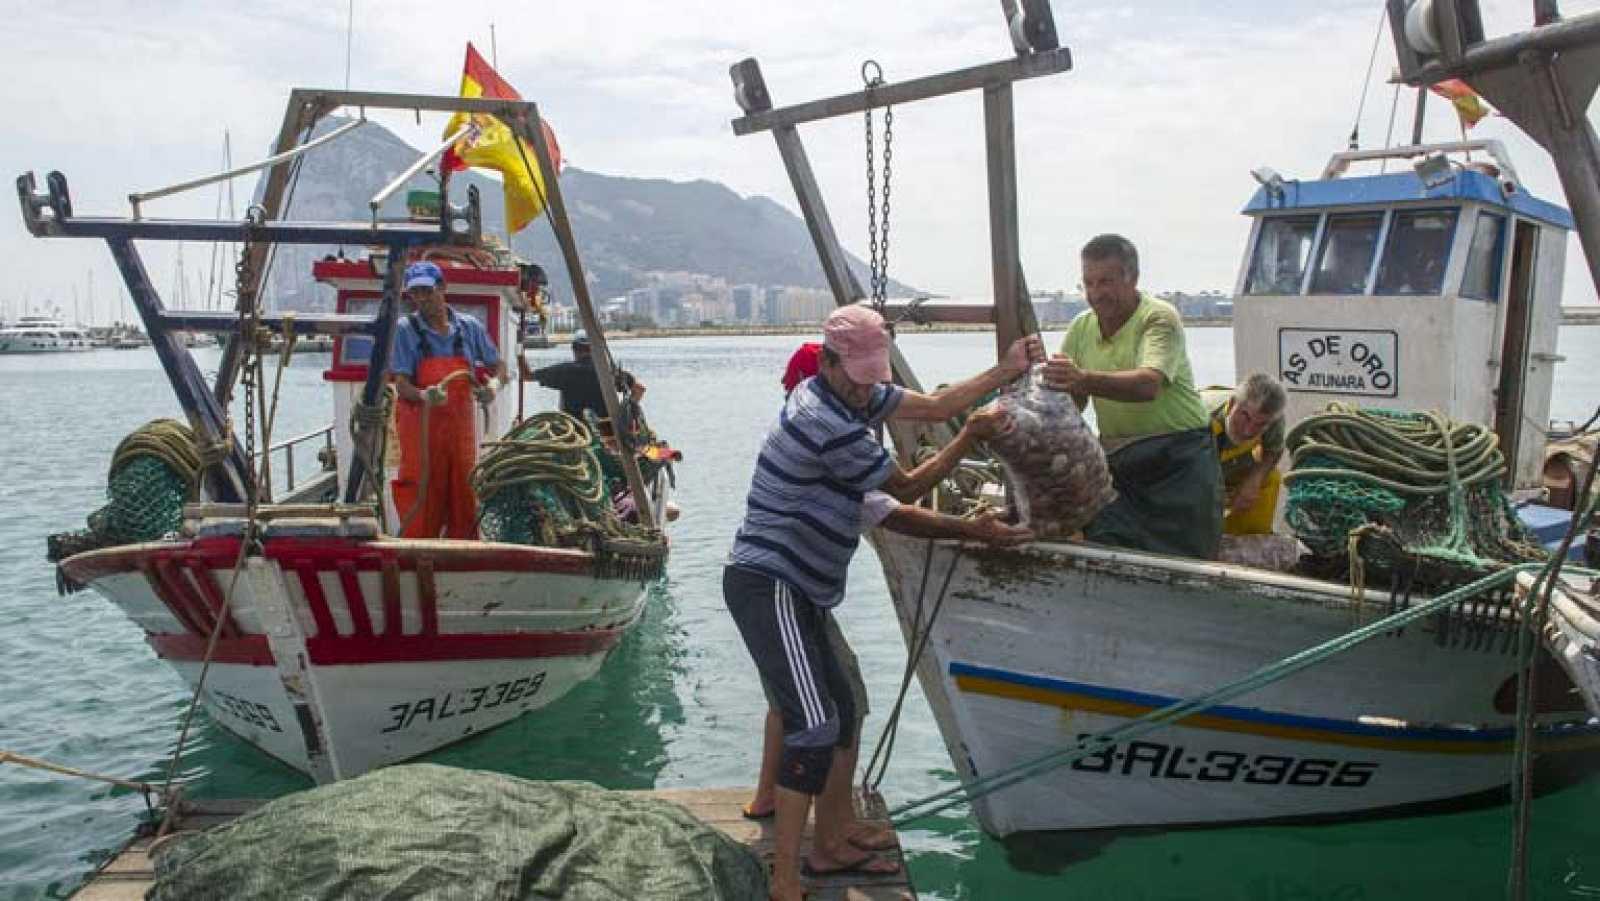 Pescadores enseñan a turistas sus trabajos, costumbres y rutinas por 39 euros